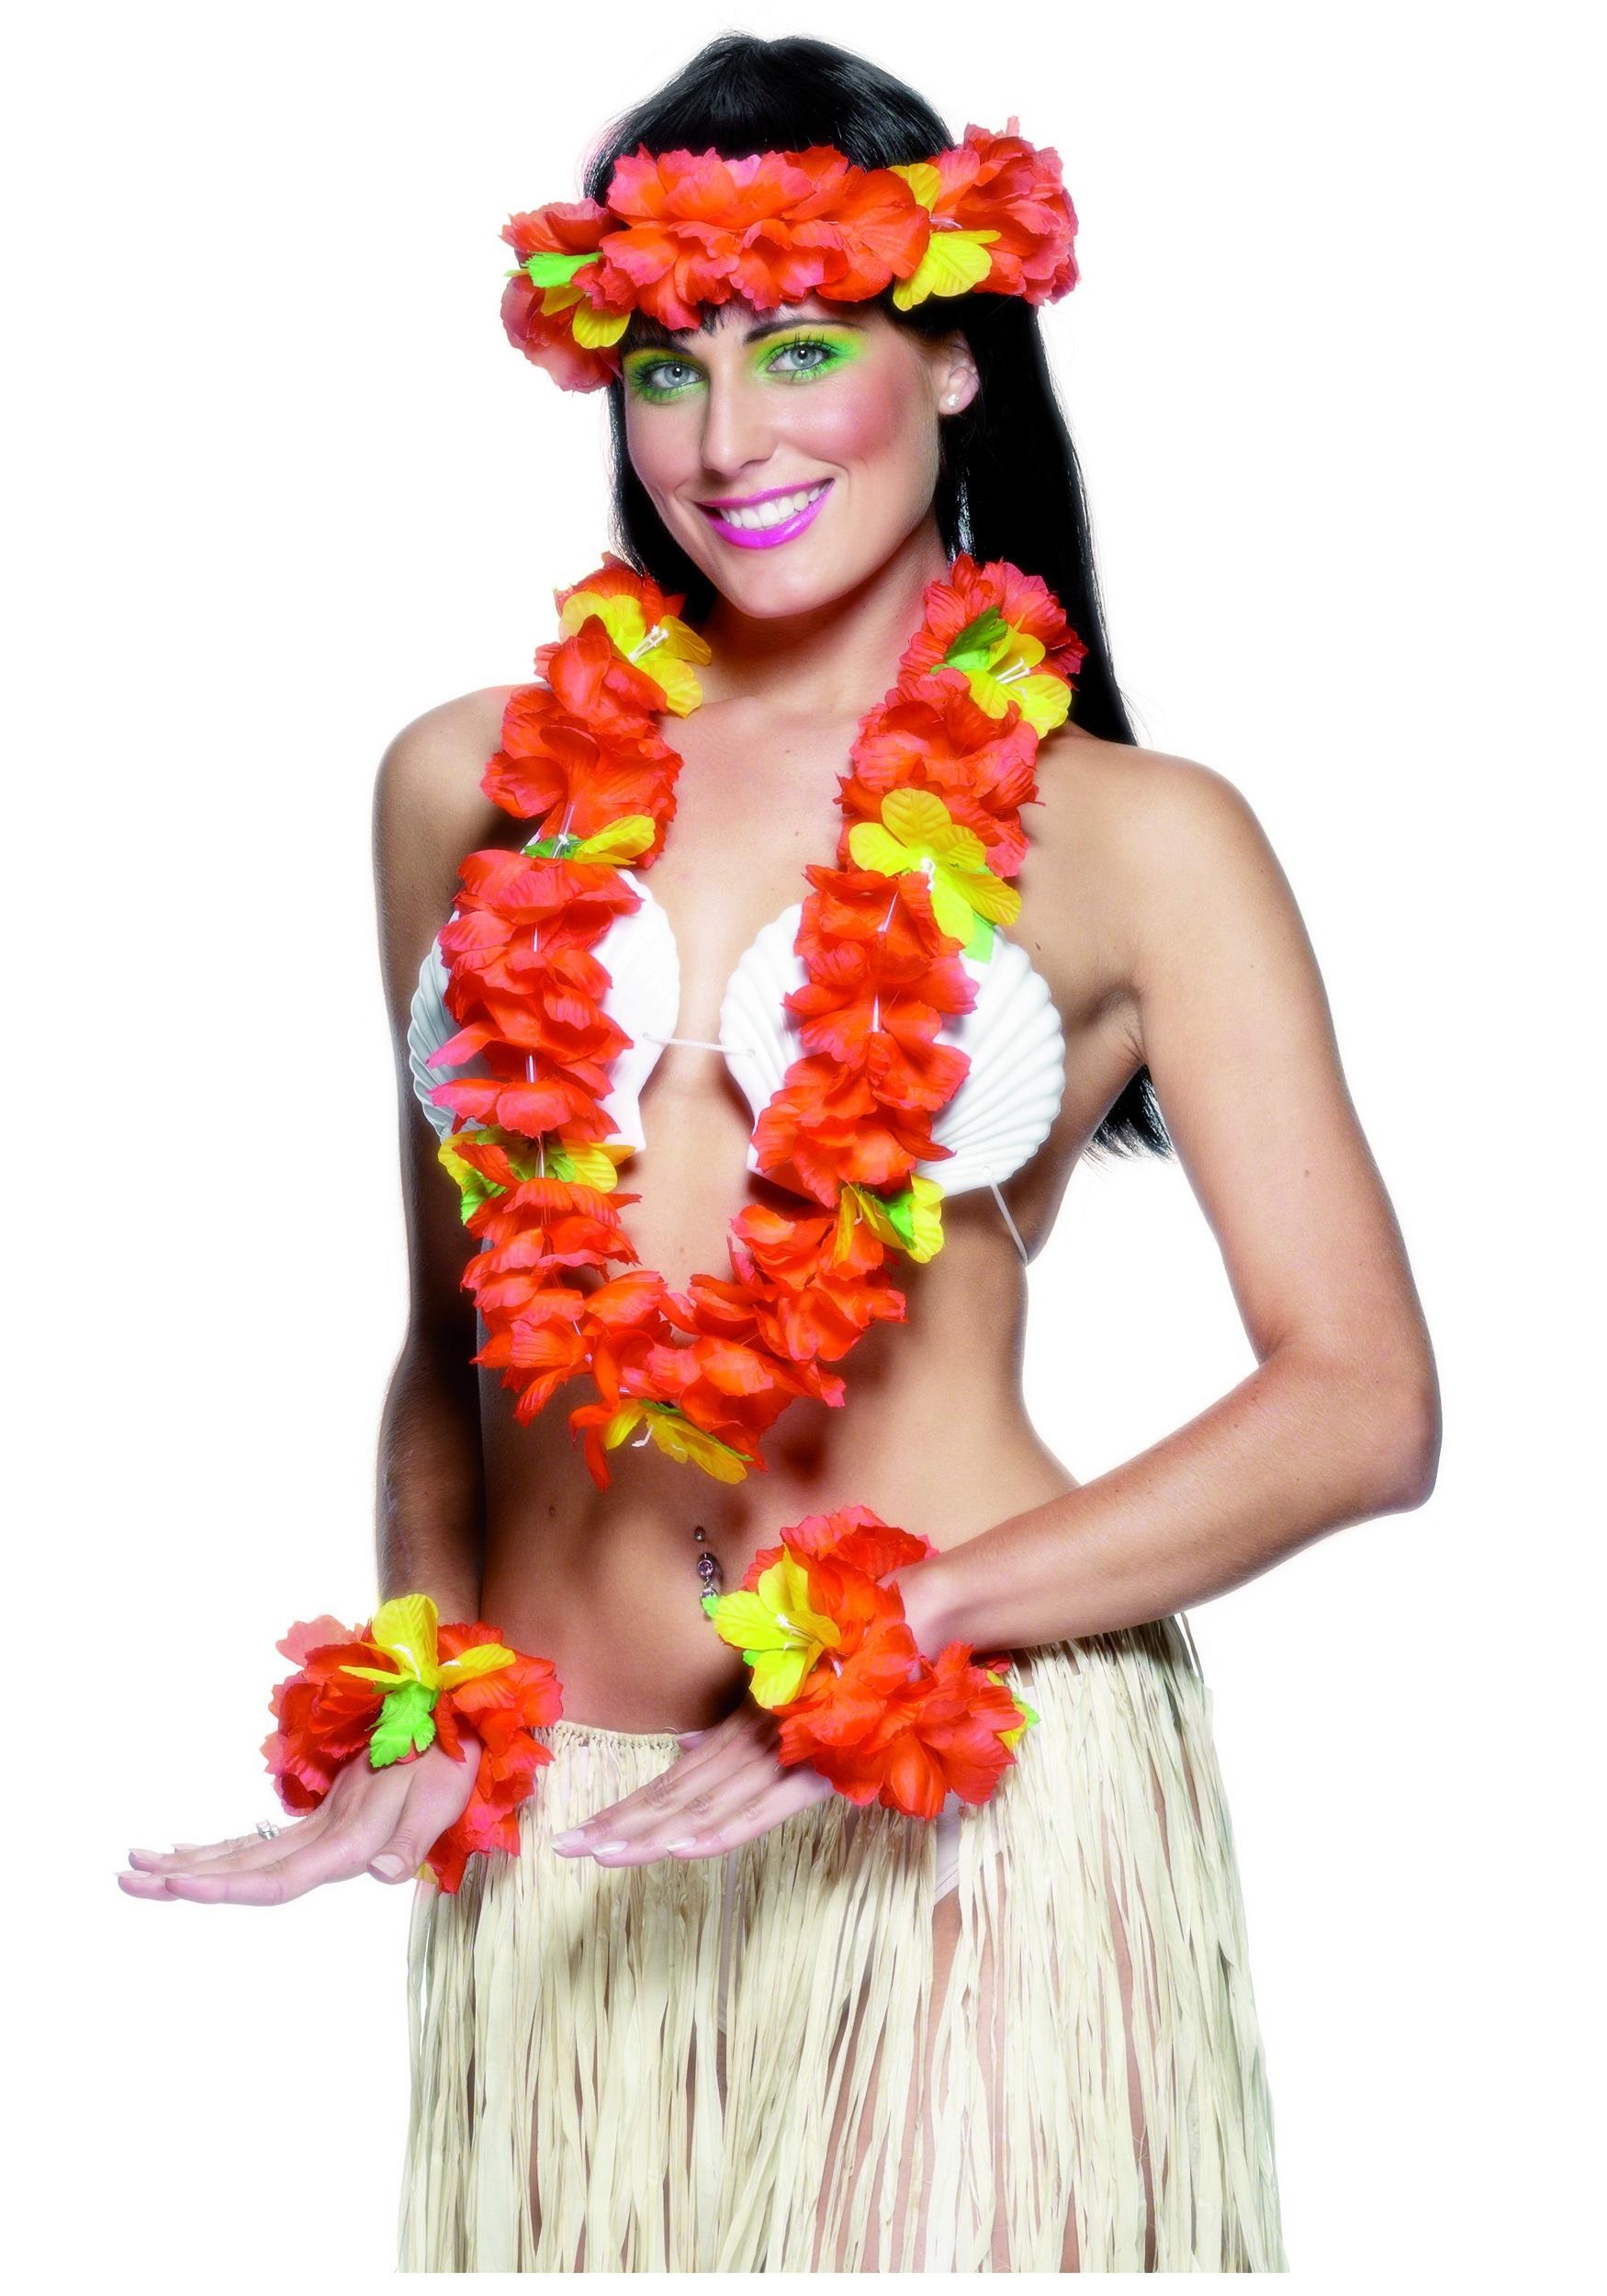 разделяет костюм для гавайской вечеринки фото мост начинает разводится